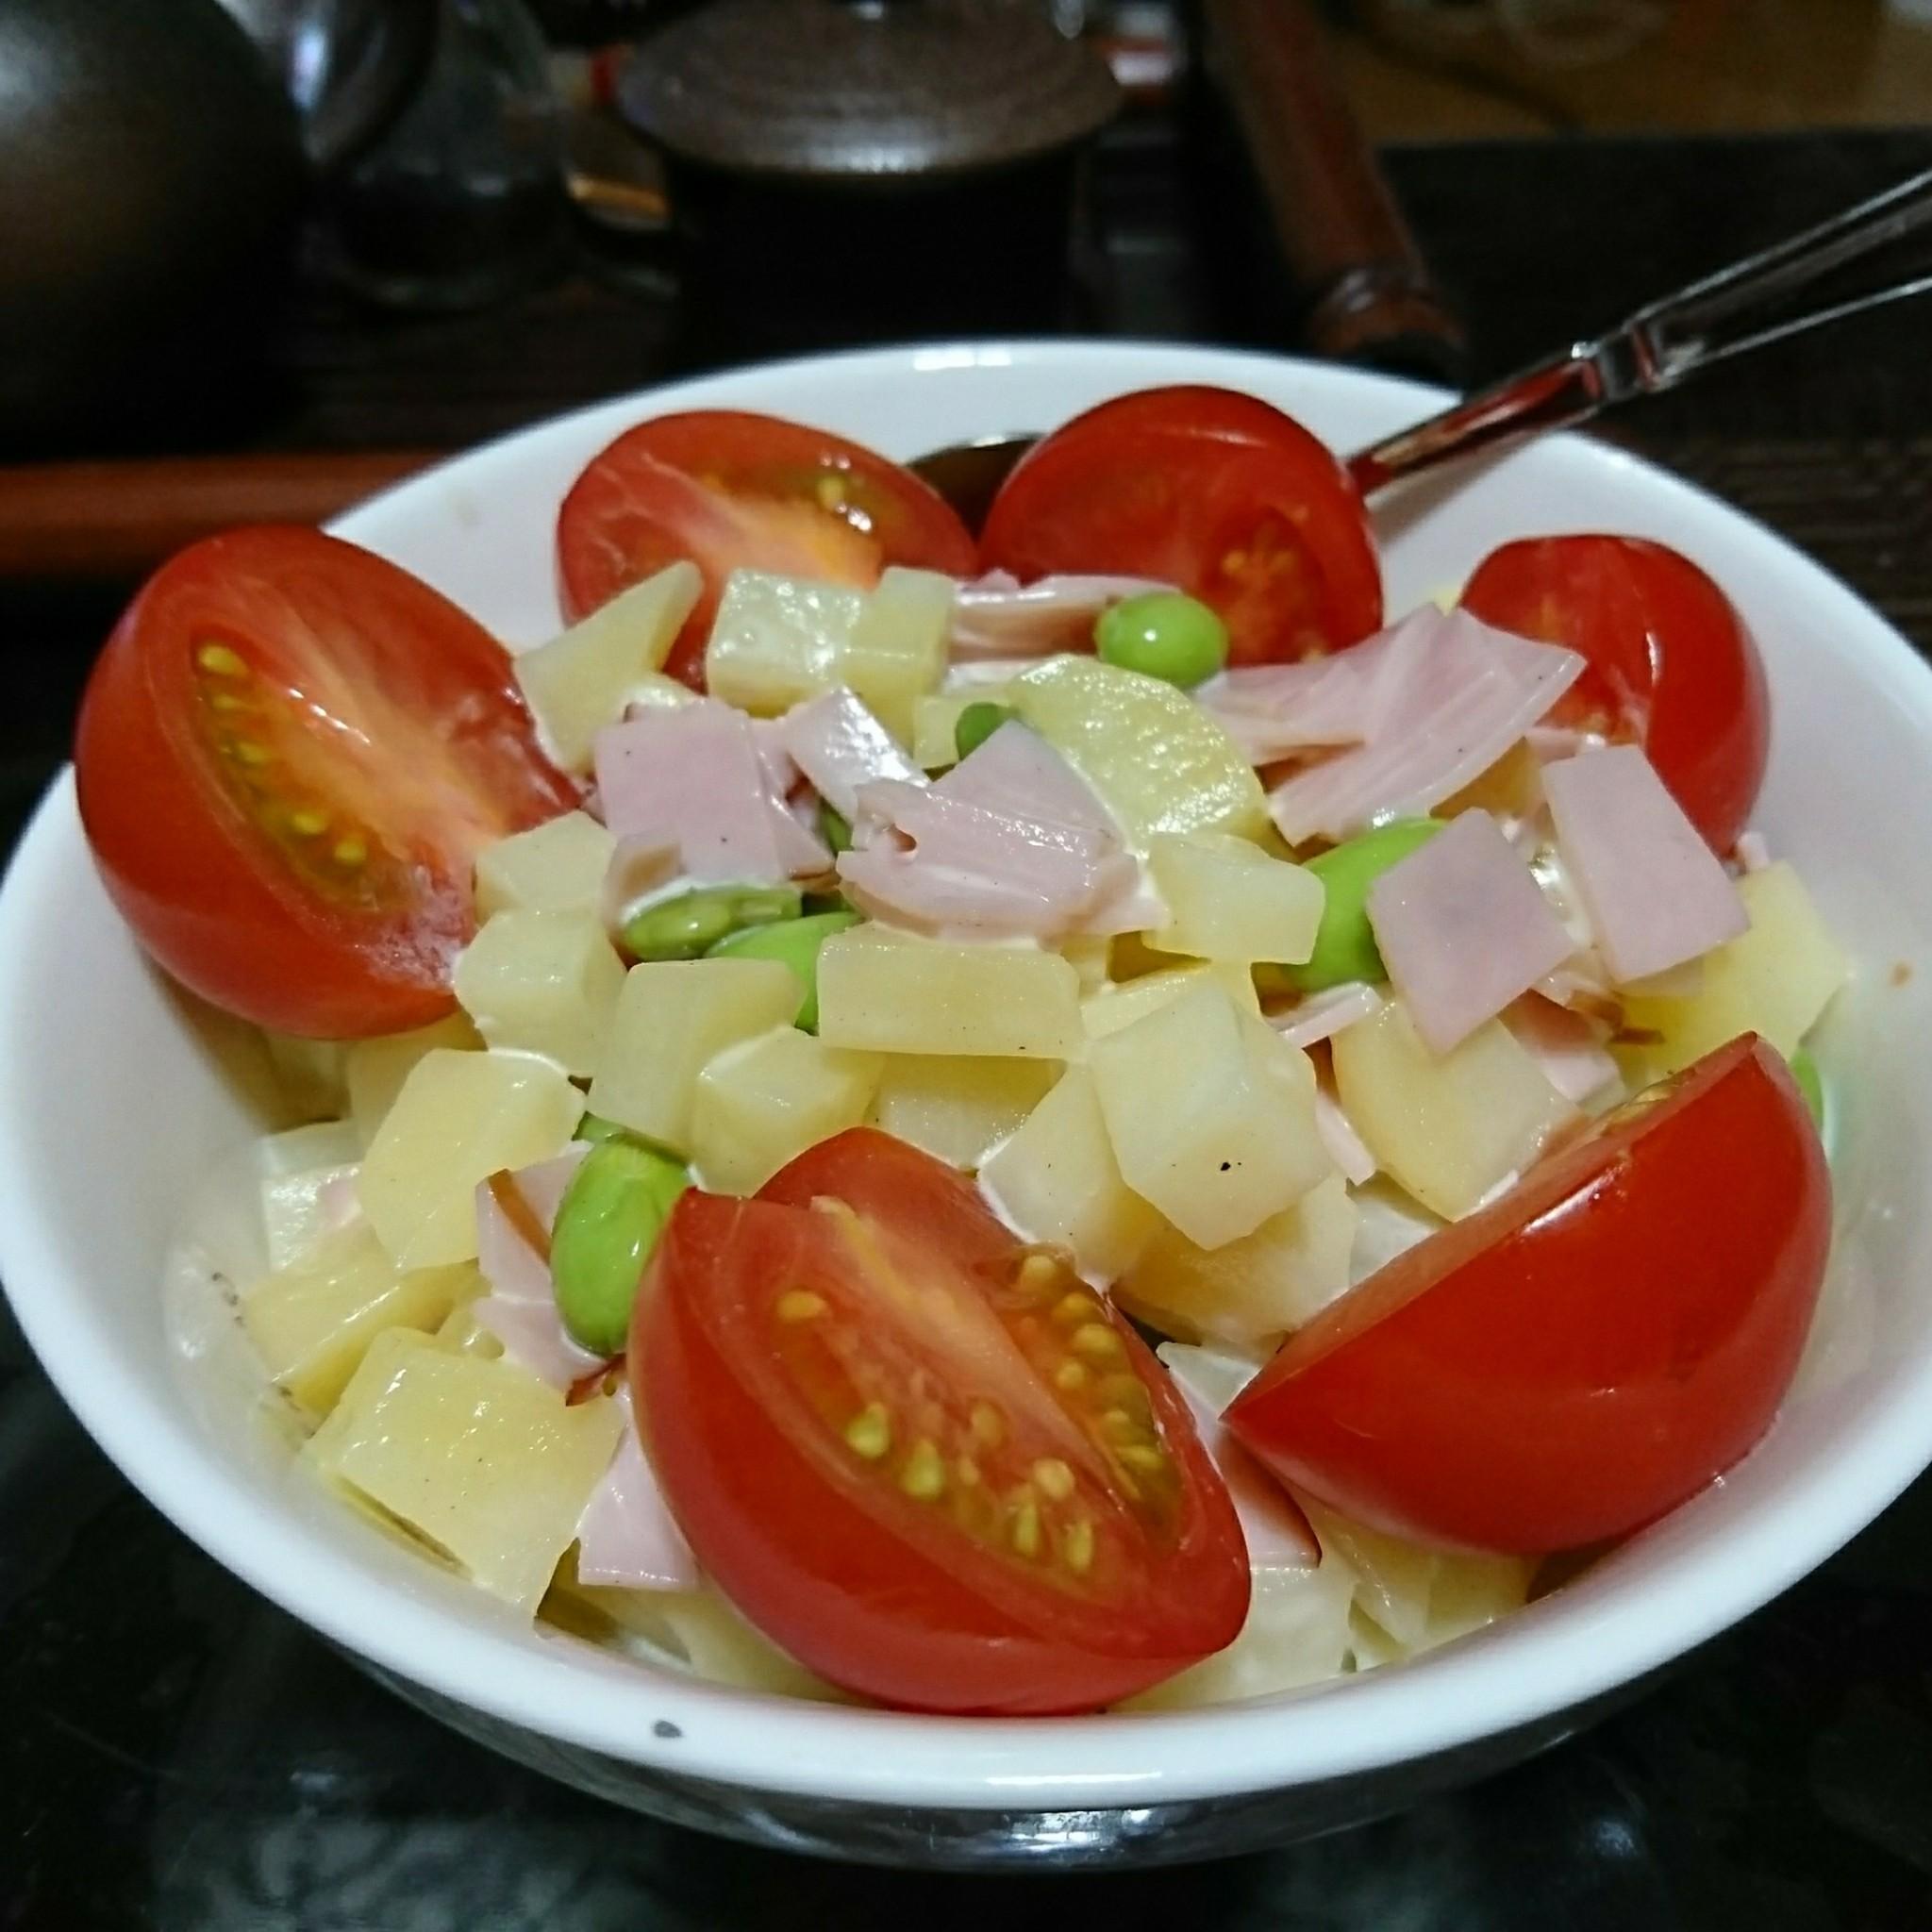 作り方 ポテト サラダ